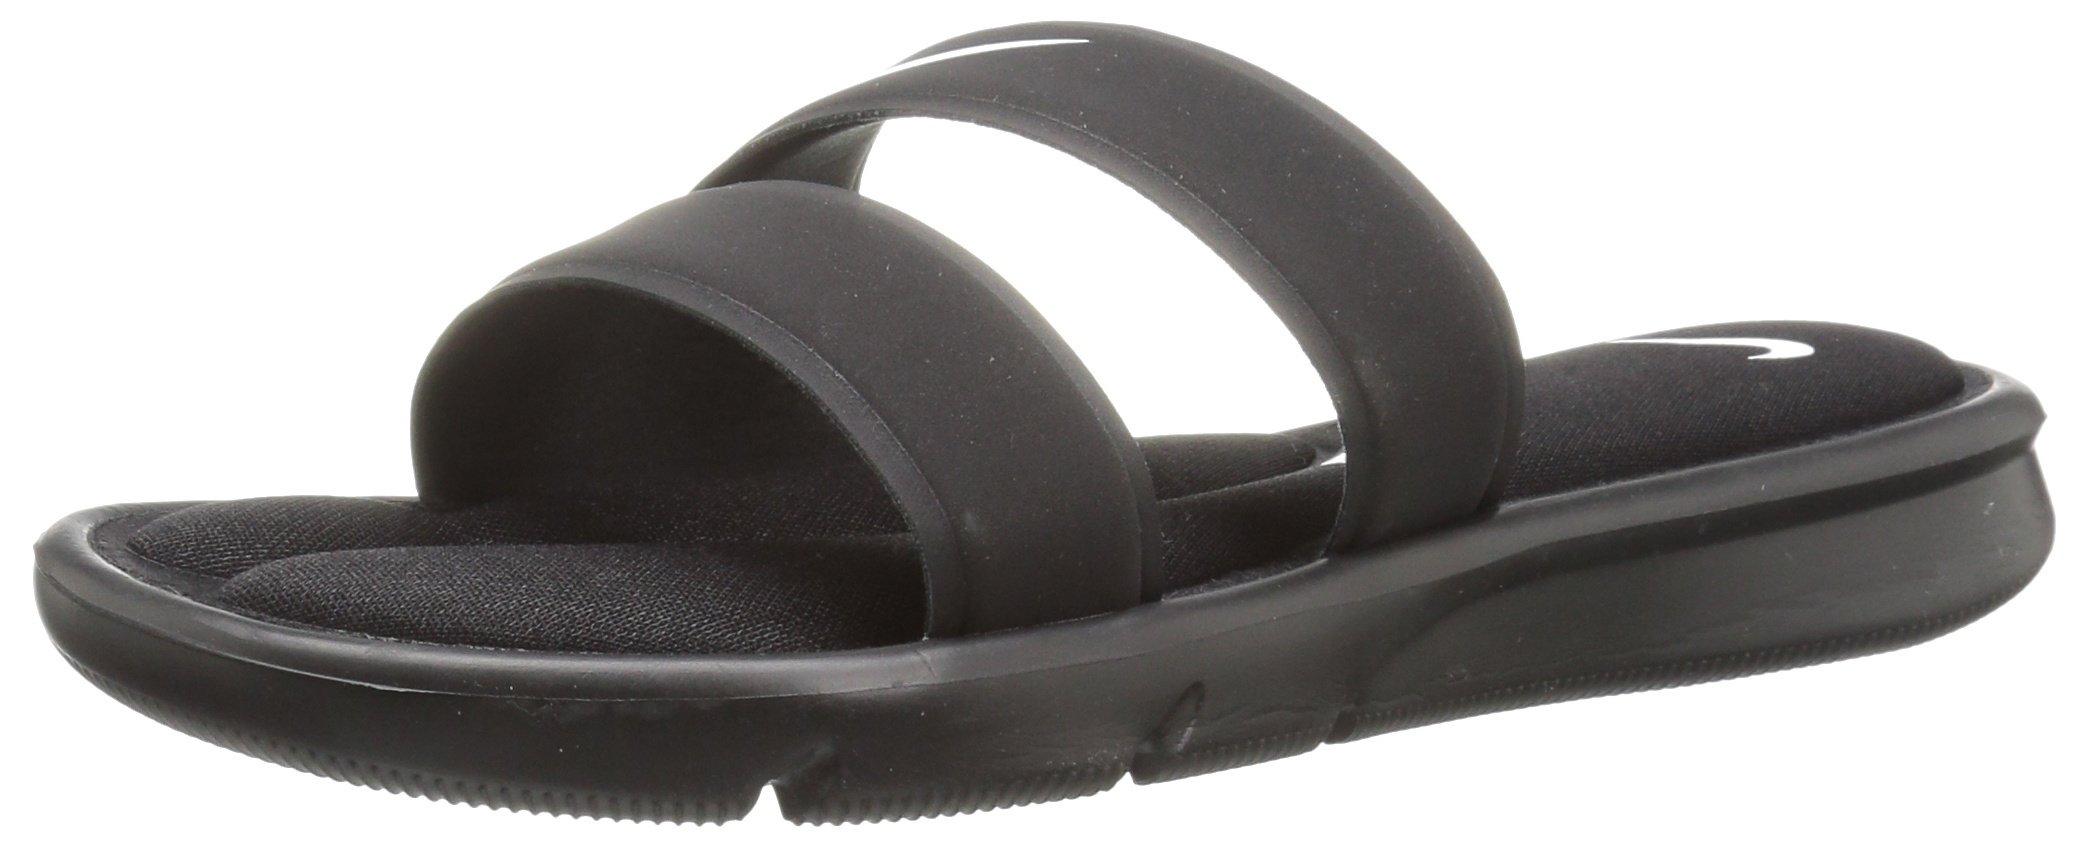 NIKE Women's Ultra Comfort Slide Sandal, Black/White/Black, 10 B(M) US